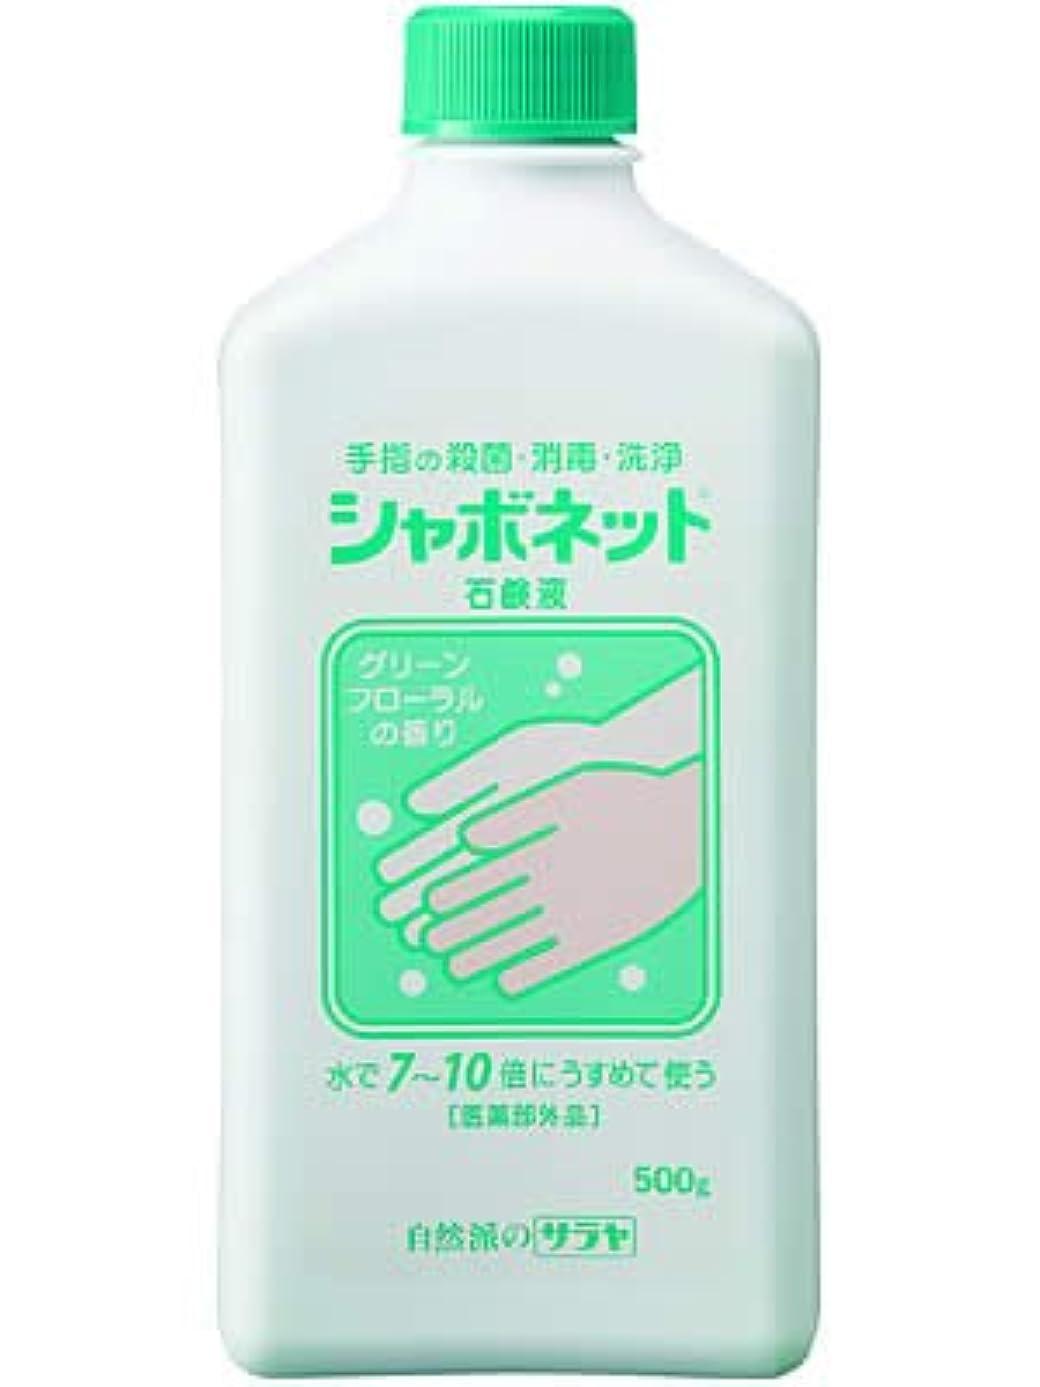 話をする億雨のシャボネット 石鹸液 500g ×8個セット